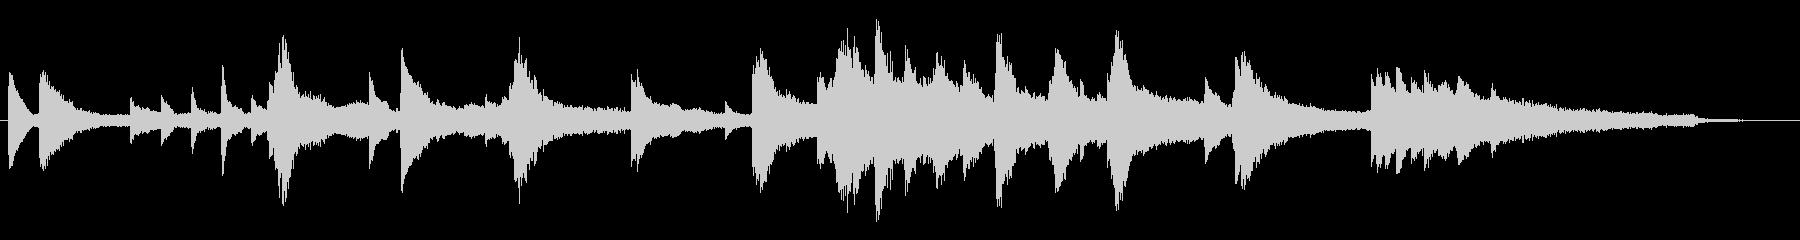 30秒CM/企業VP用。幻想的なピアノ曲の未再生の波形